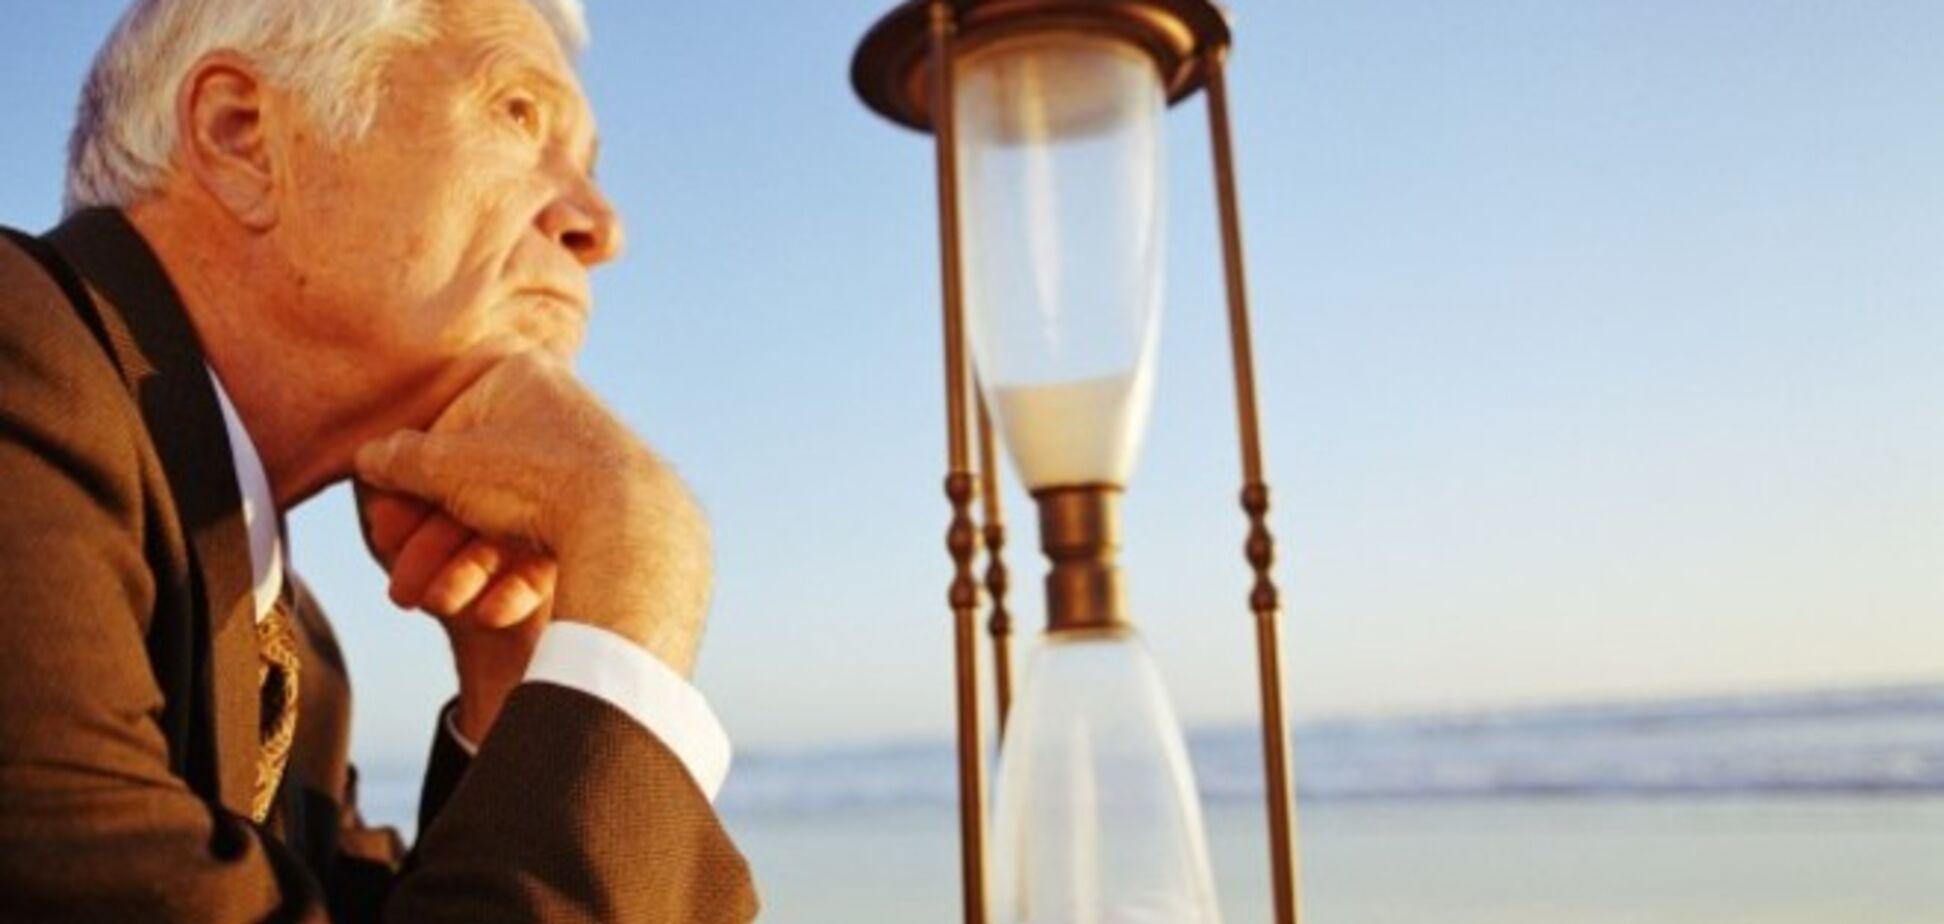 Підвищення пенсійного віку не дасть ніякого ефекту - глава Мінсоцполітики